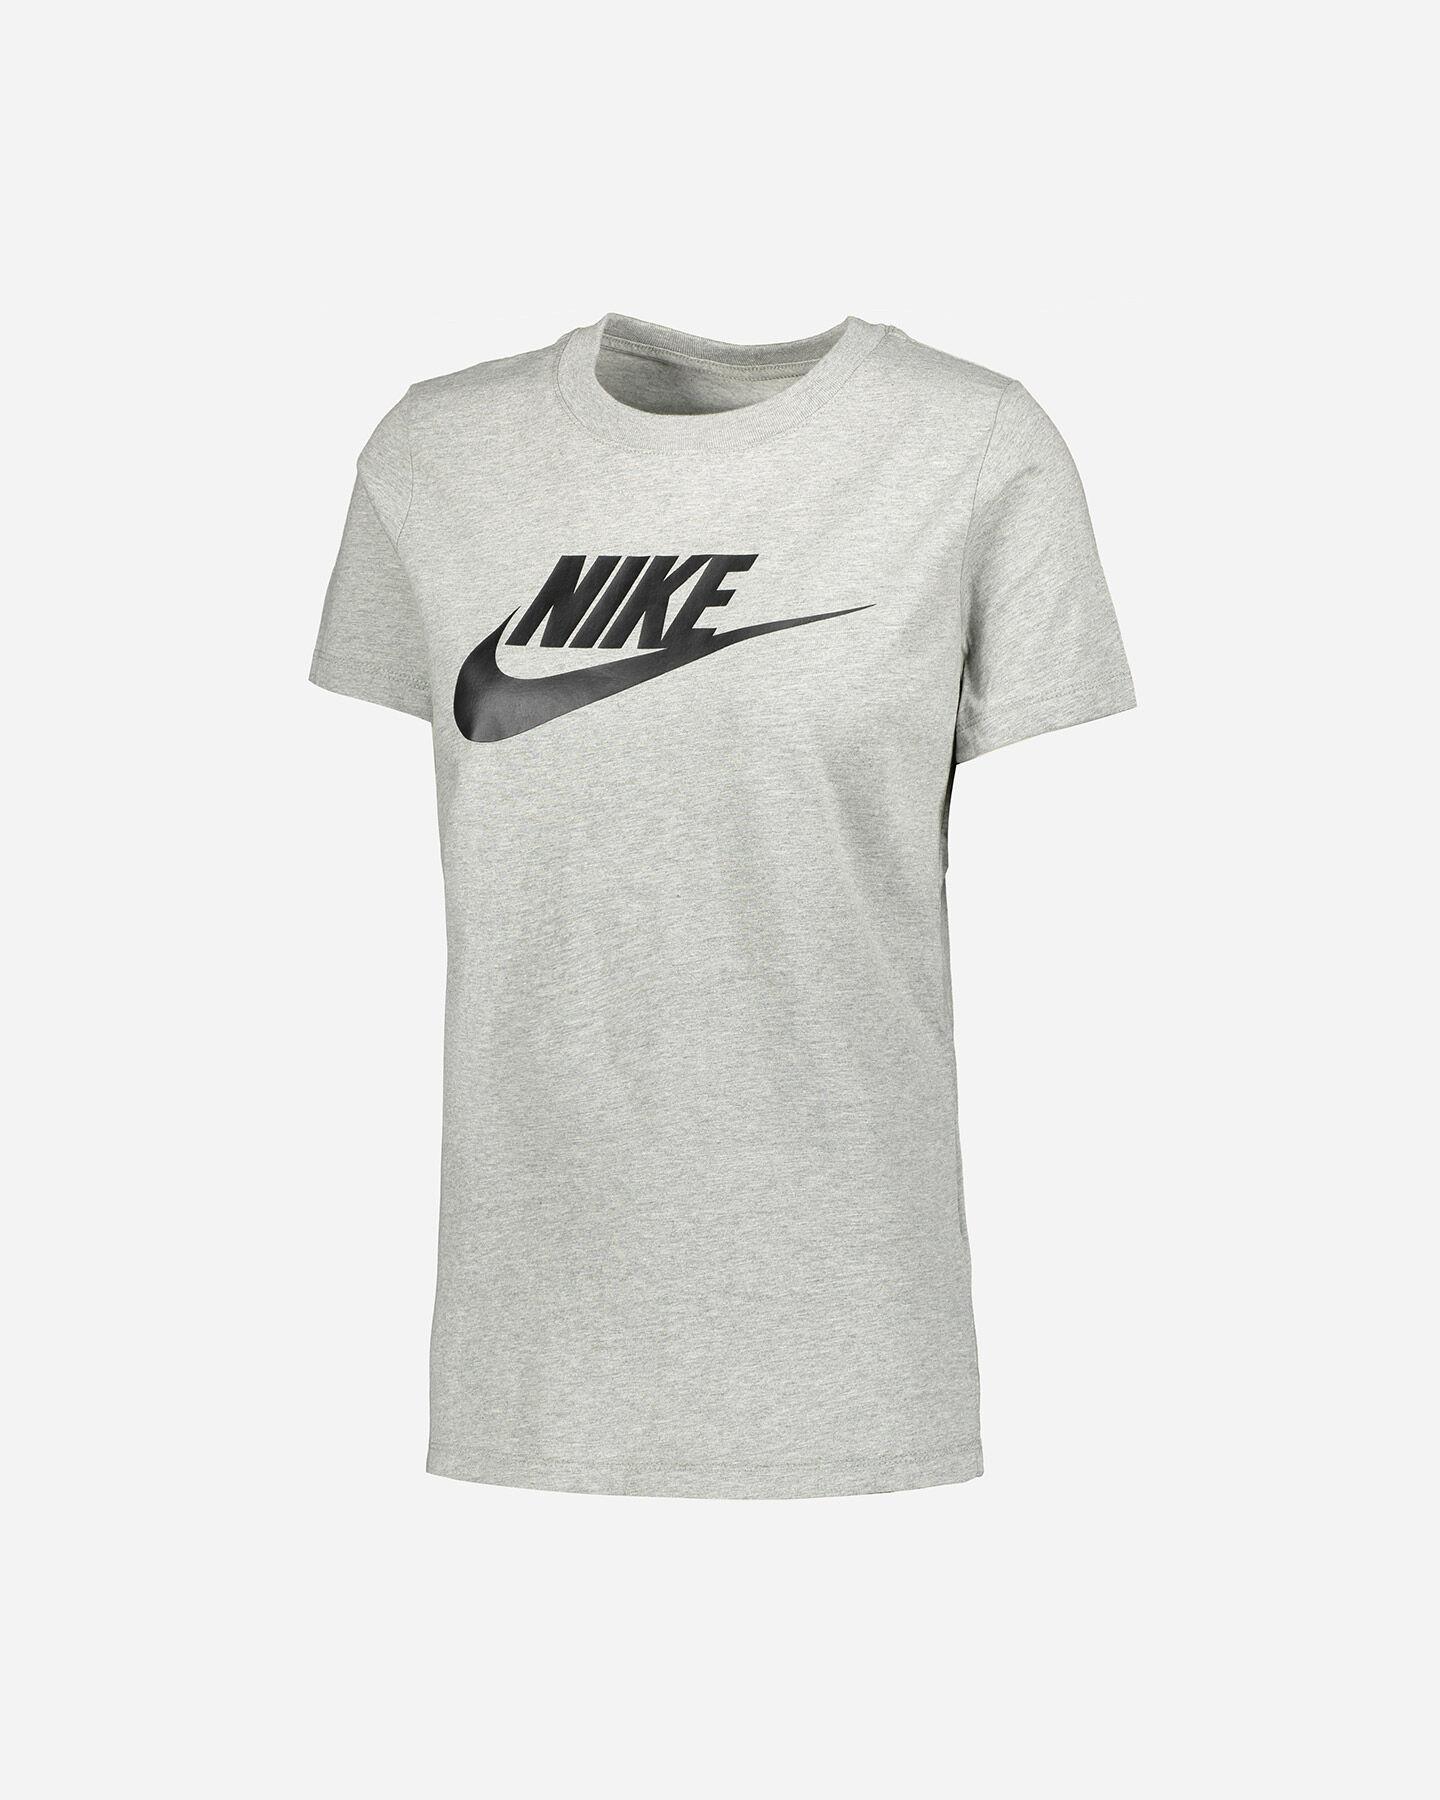 T-Shirt NIKE FUTURA W S2014887 scatto 0